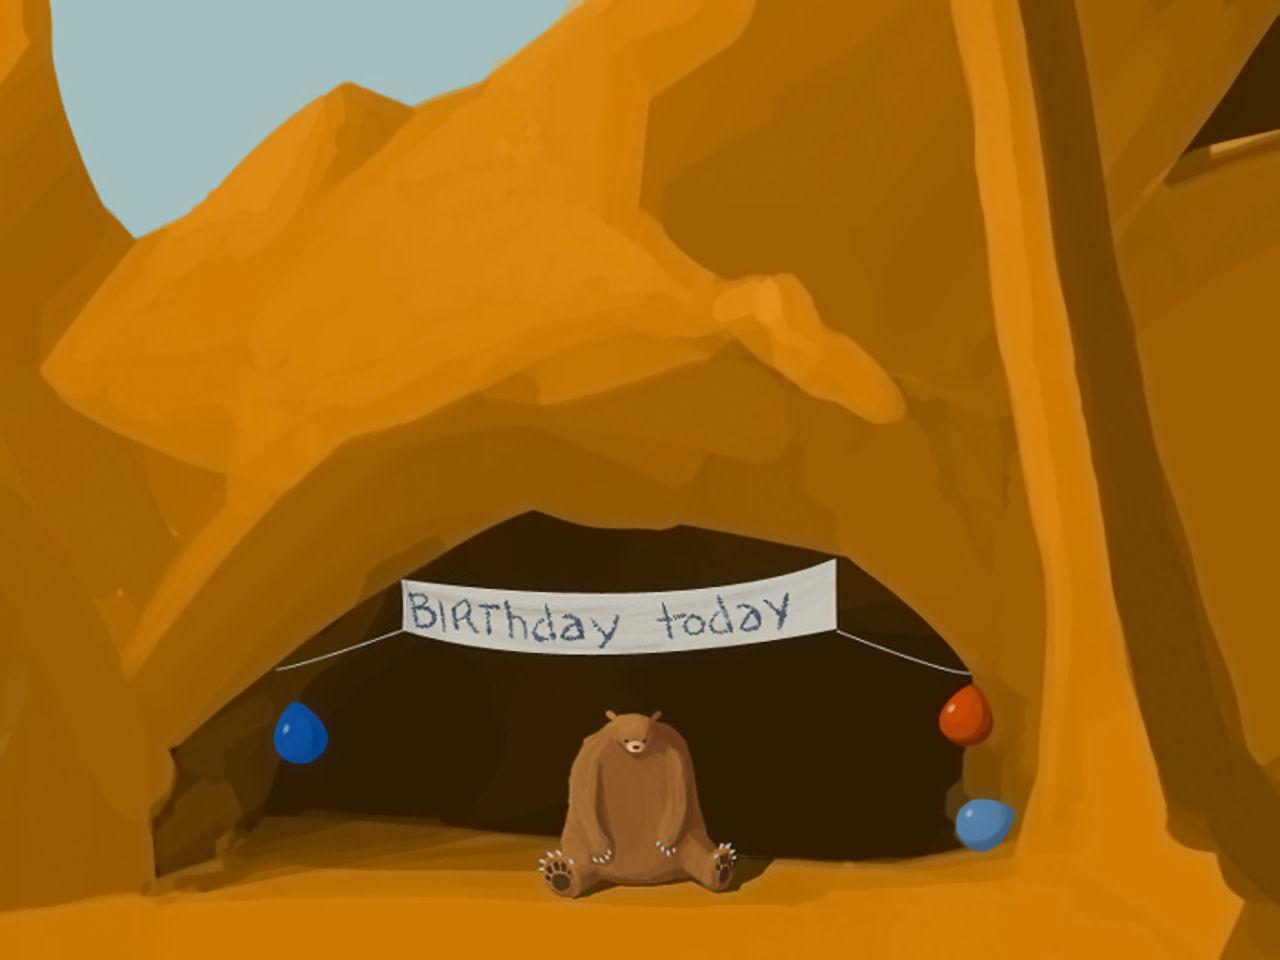 Sad bear birthday cave